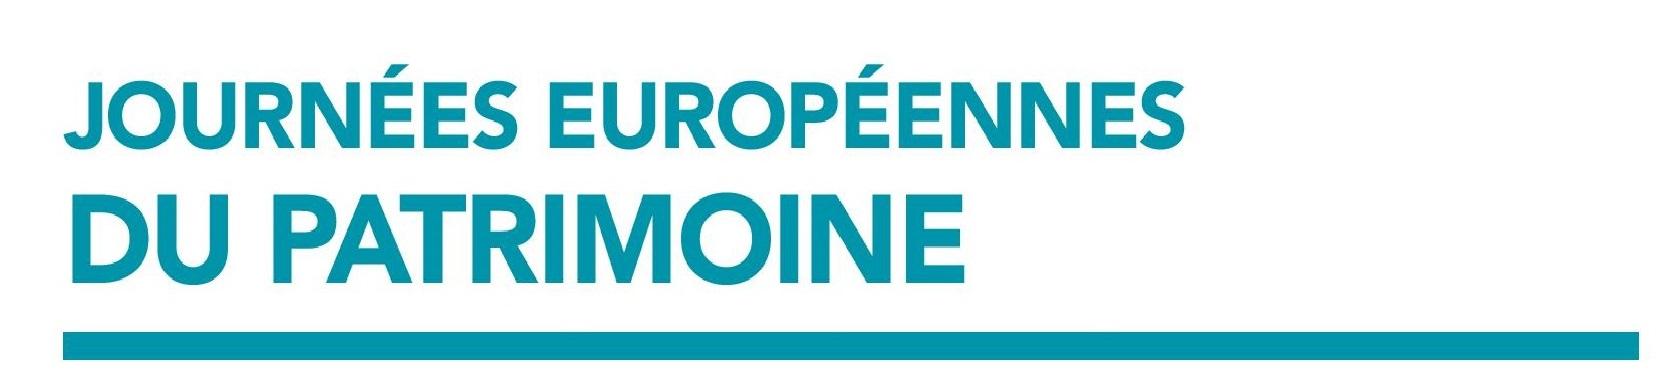 Journées Européennes du Patrimoine Logo